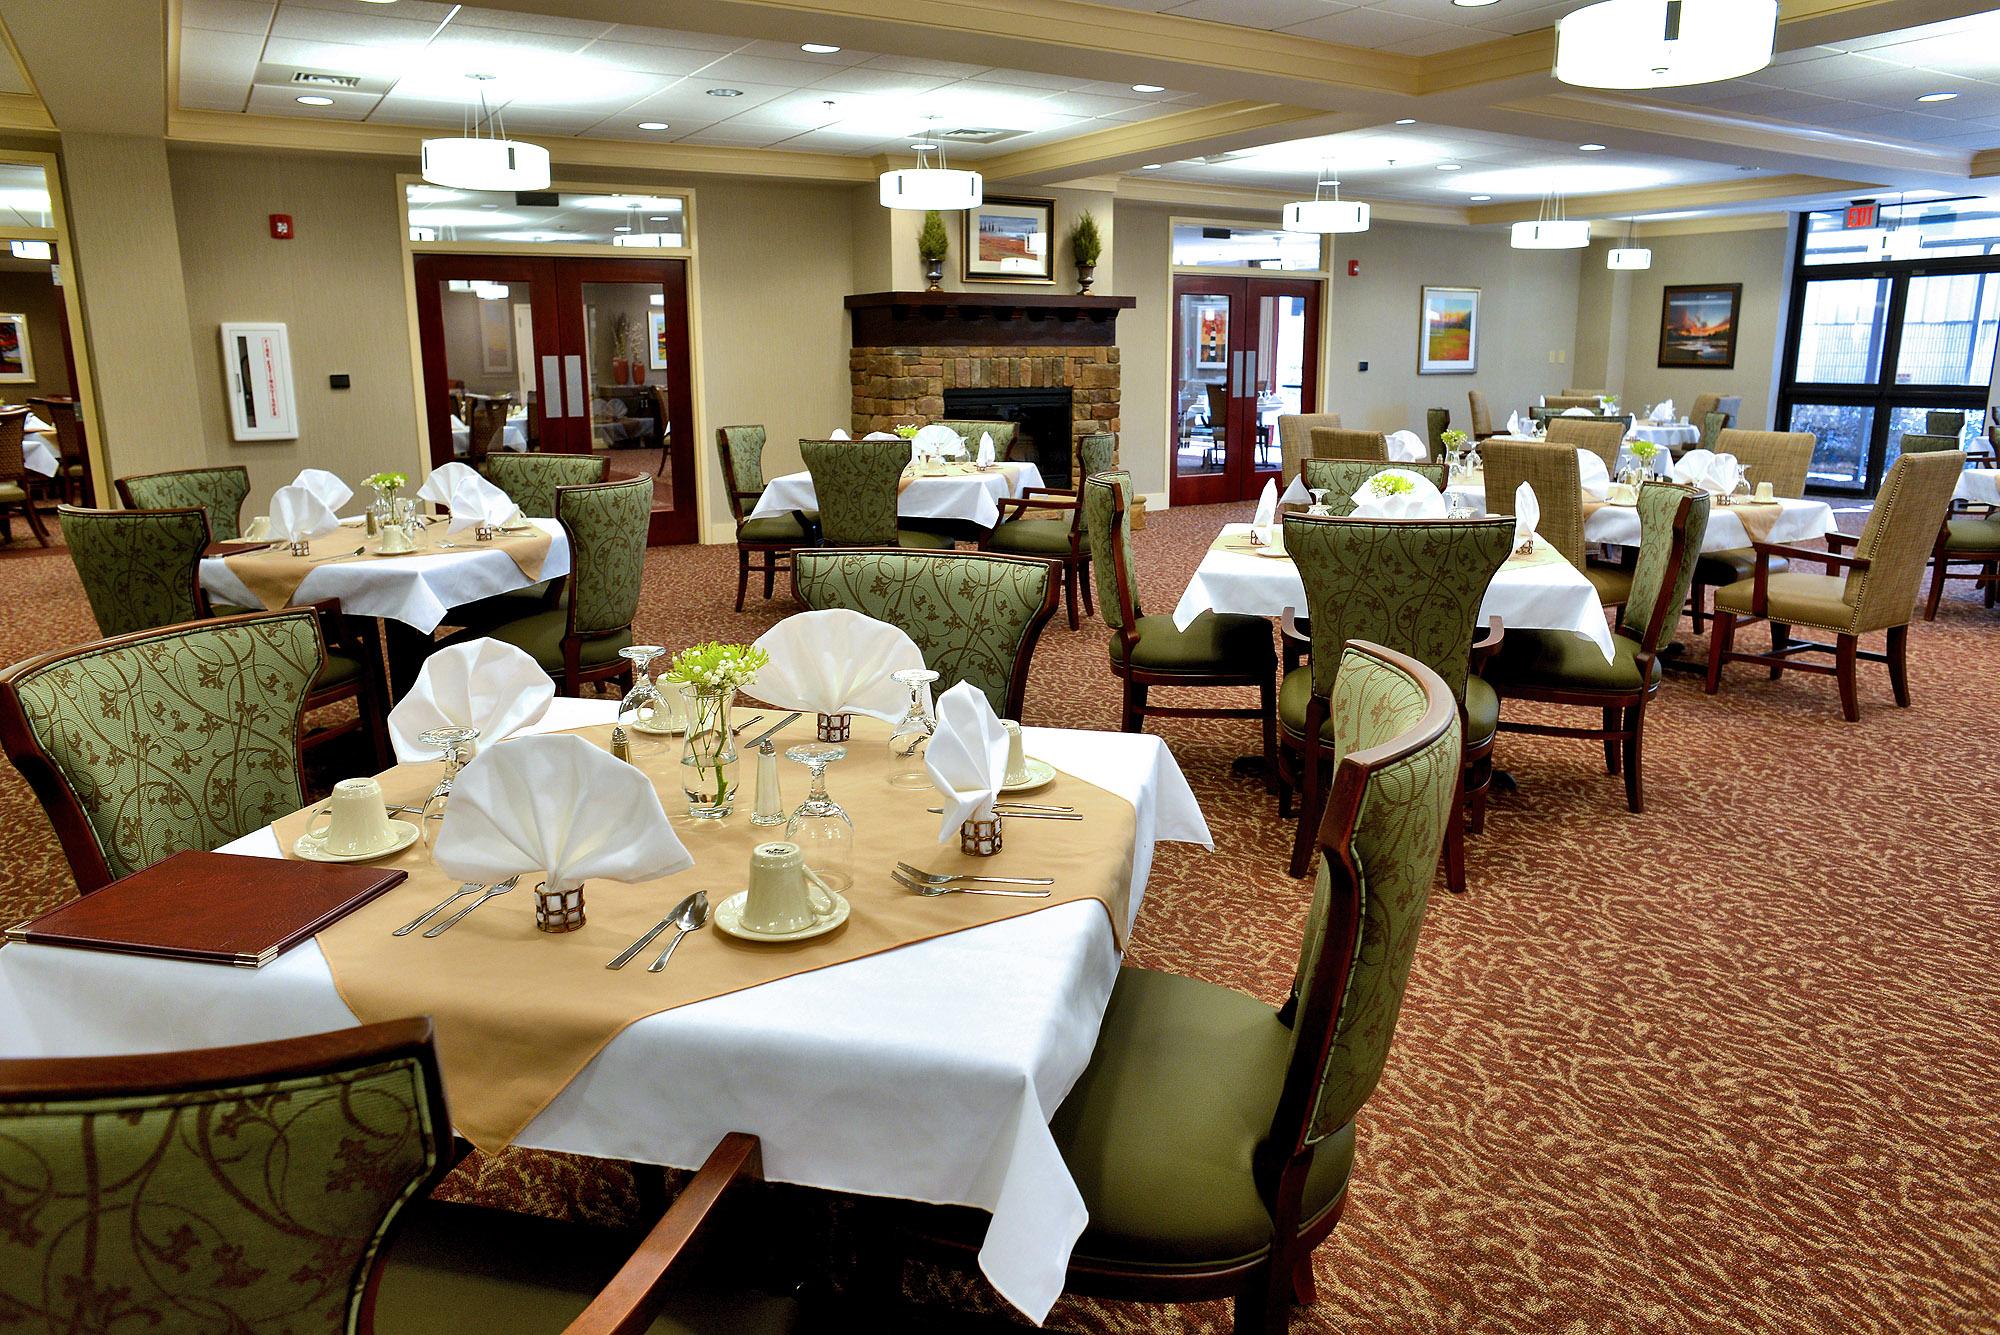 Hilton Garden Inn Discount Code | Cheap Inns in Philadelphia | Hilltop Garden Inn Forsyth Ga